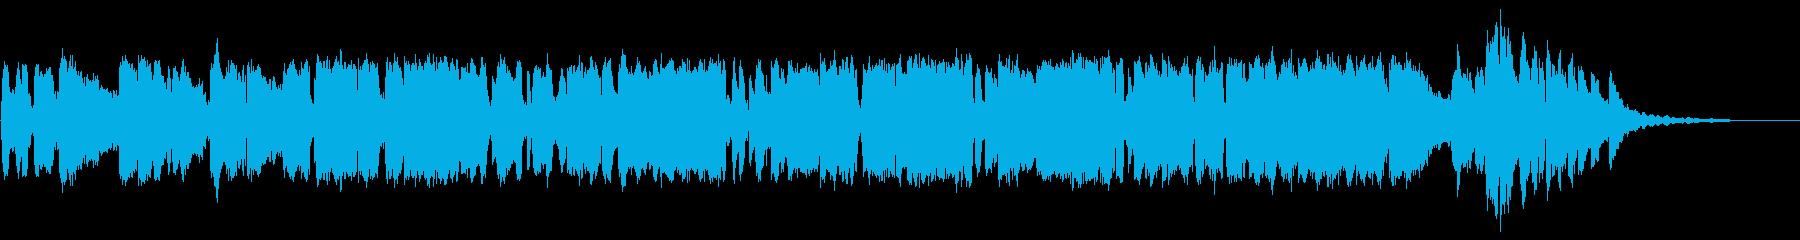 サイケデリックでヘビーなギターソロの再生済みの波形